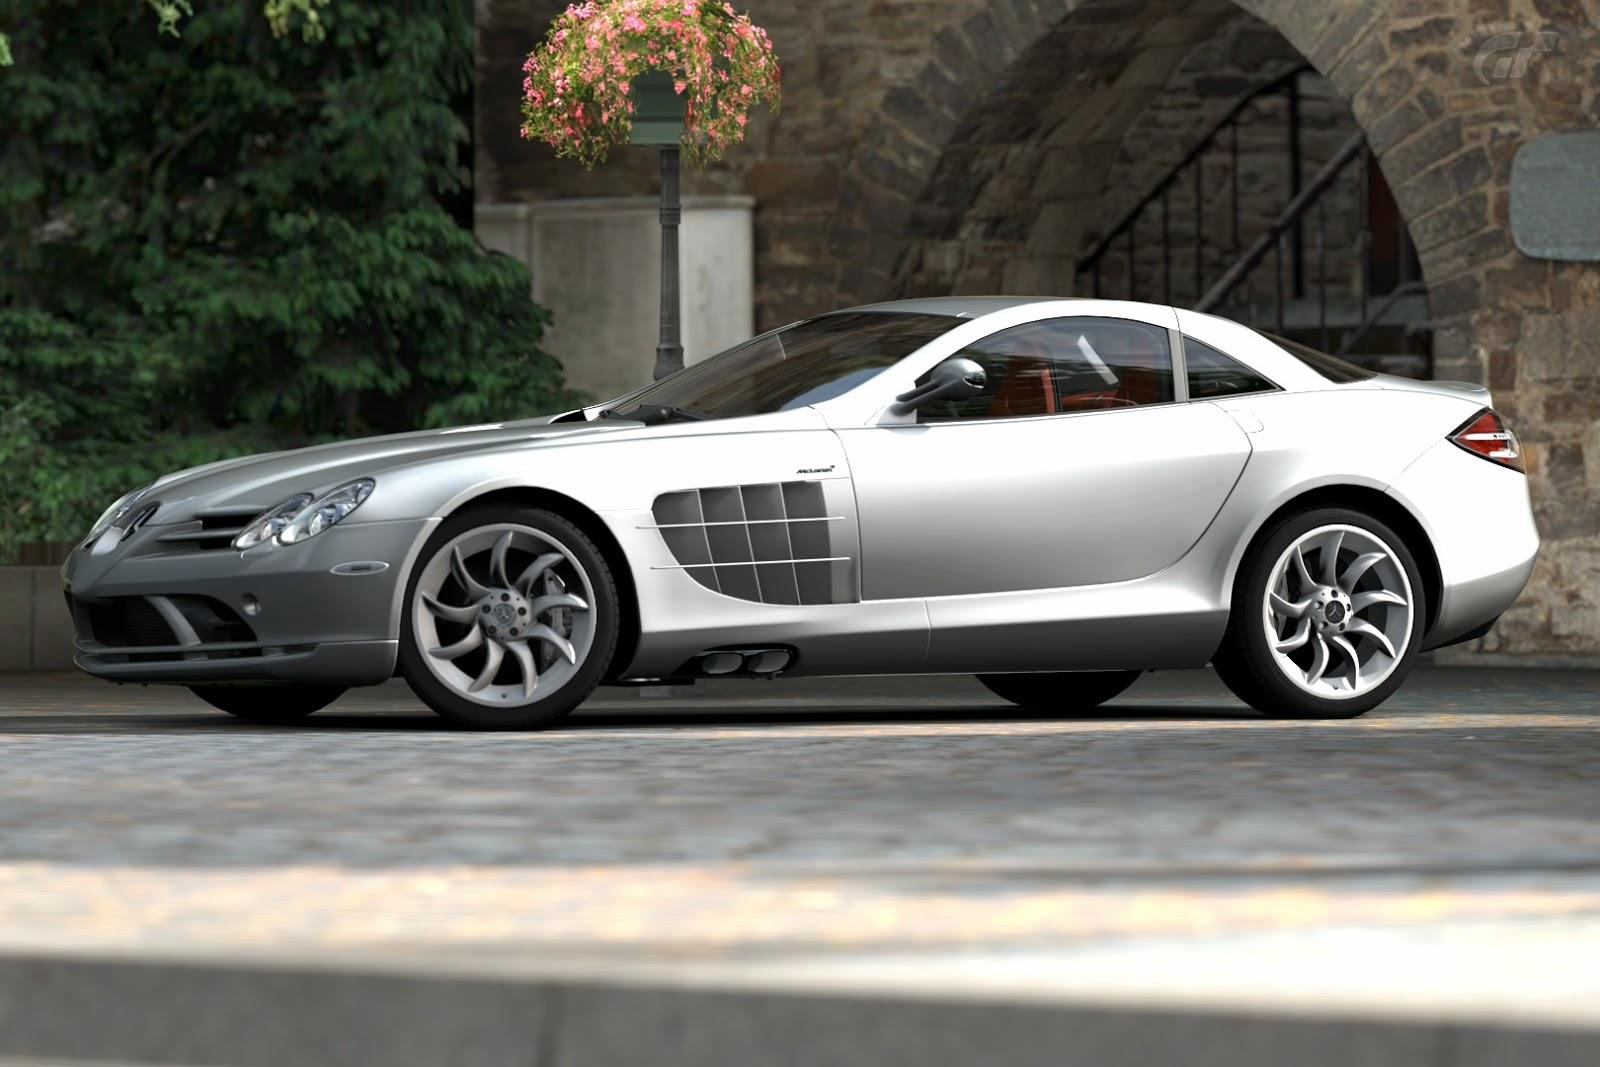 Here Is GT5u0027s 2009 Mercedes Benz SLR McLaren (19 Inch Wheel Option).